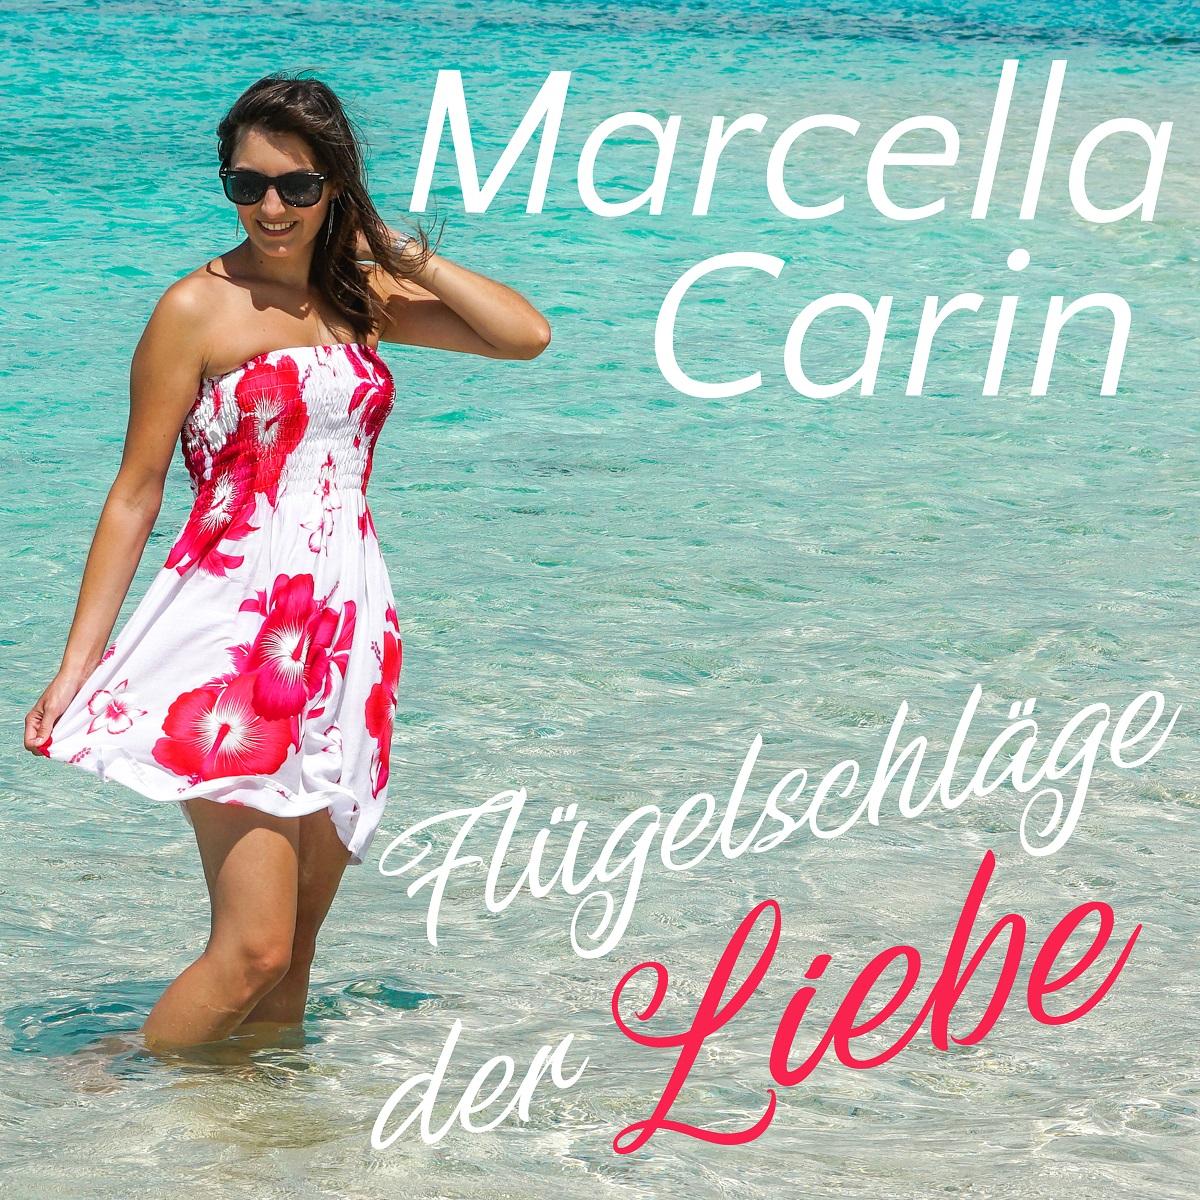 Marcella Carin - Flügelschläge der Liebe (2021)